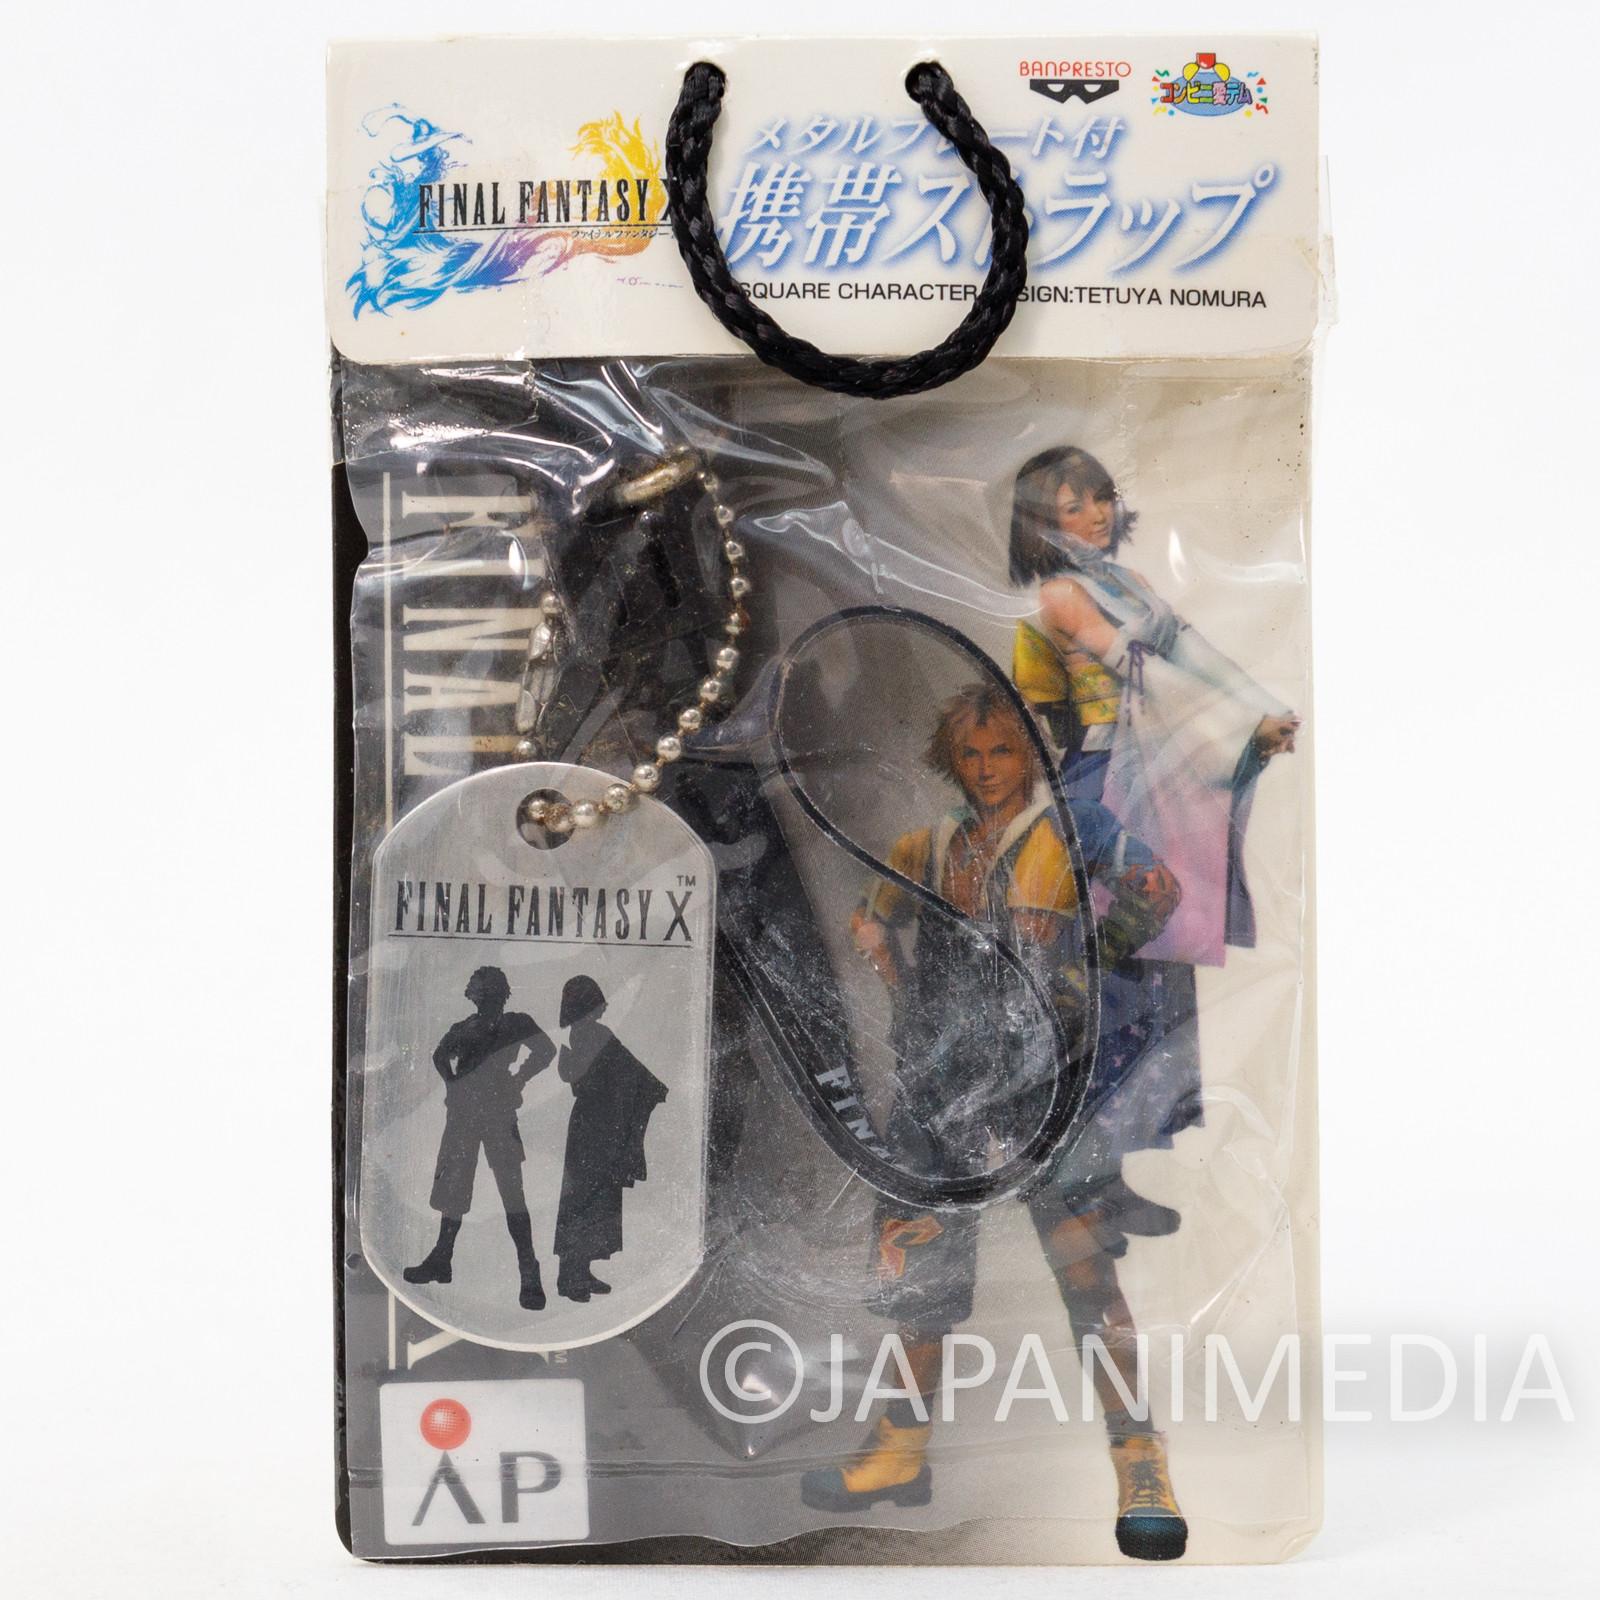 Final Fantasy X Yuna & Tidus Metal Plate Strap JAPAN SQUARE ENIX